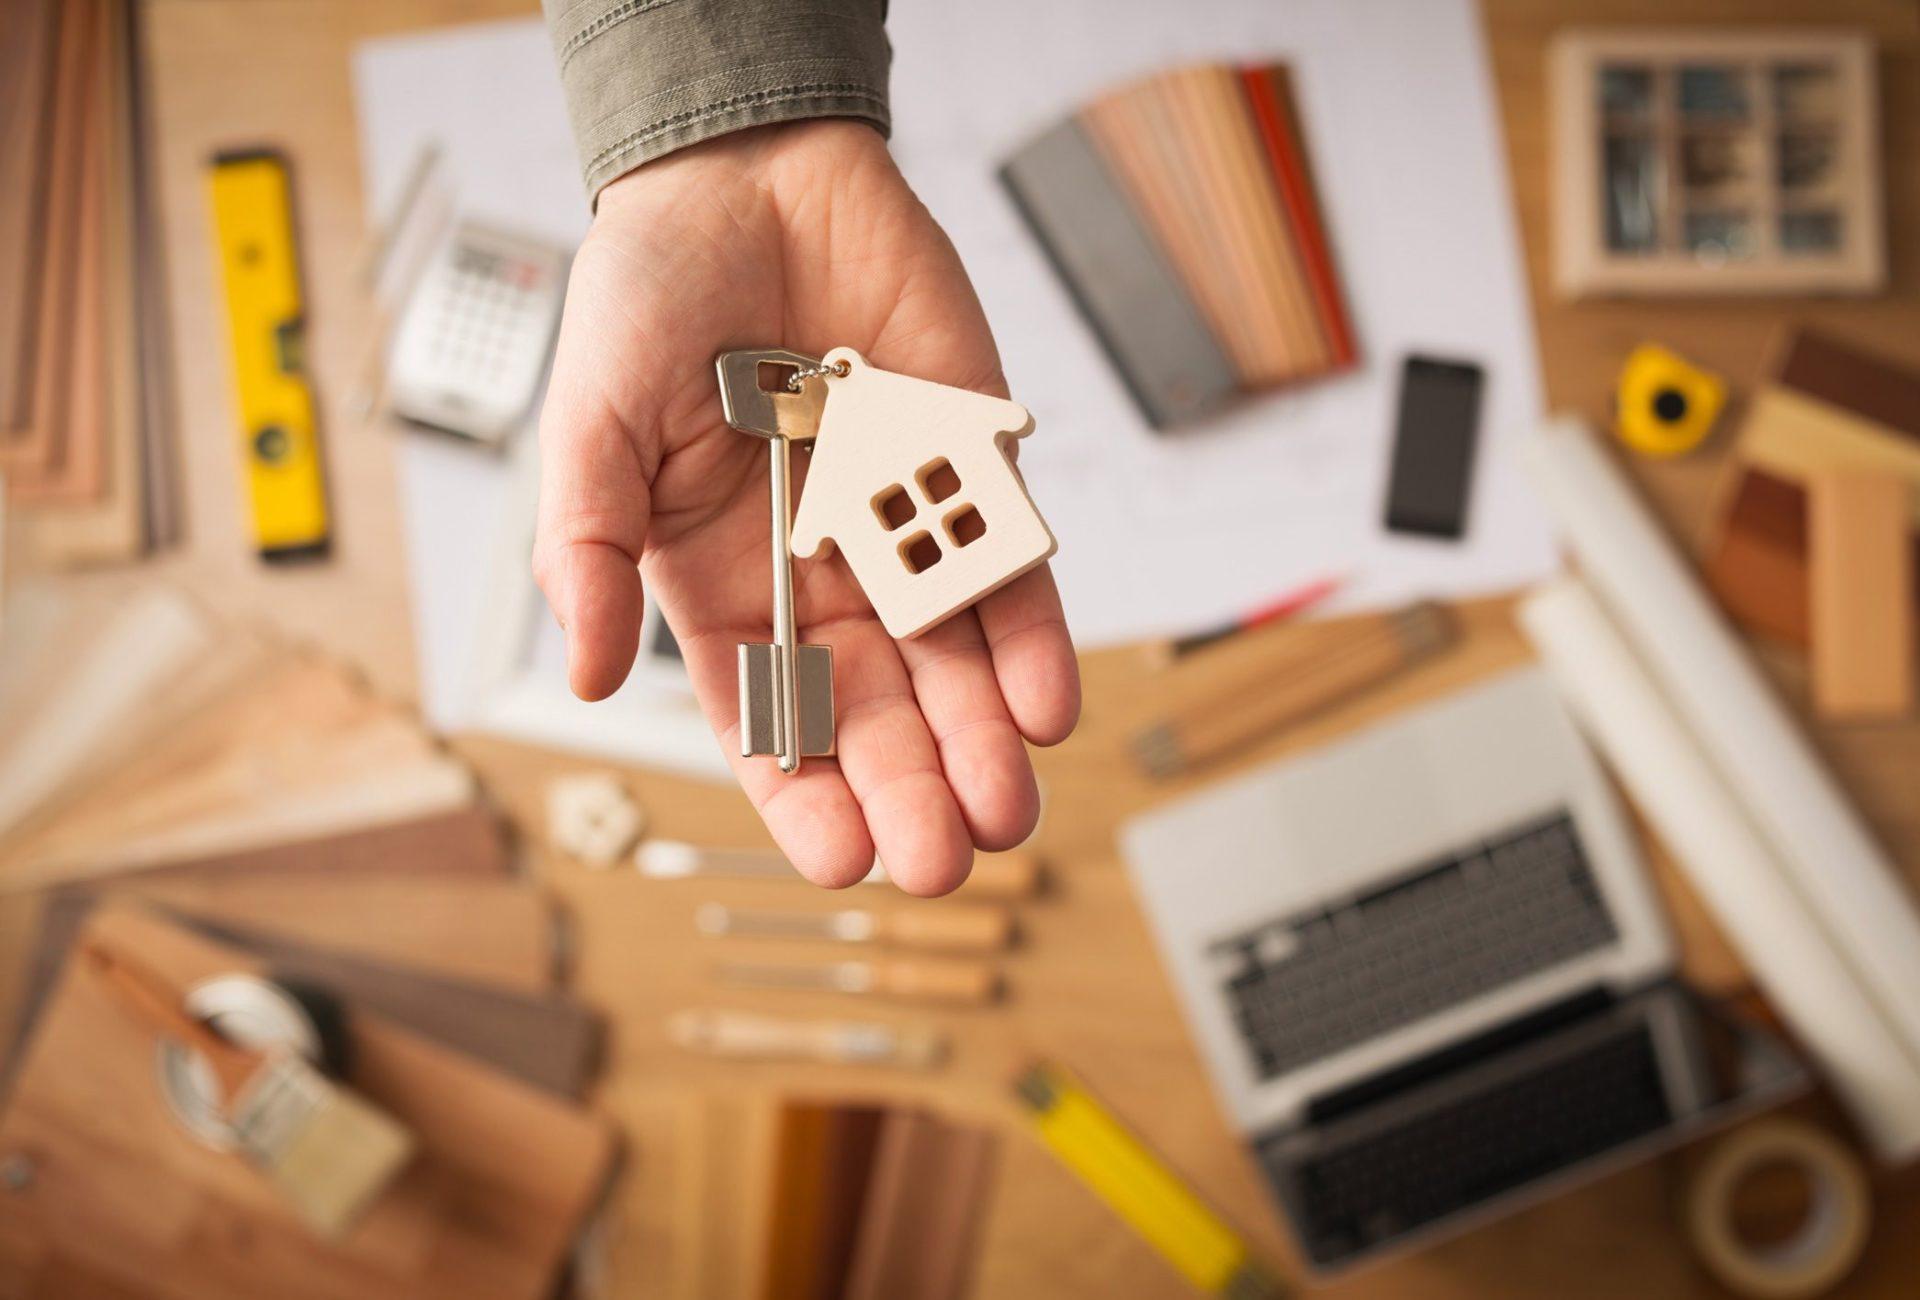 Квартира как первоначальный взнос по ипотеке